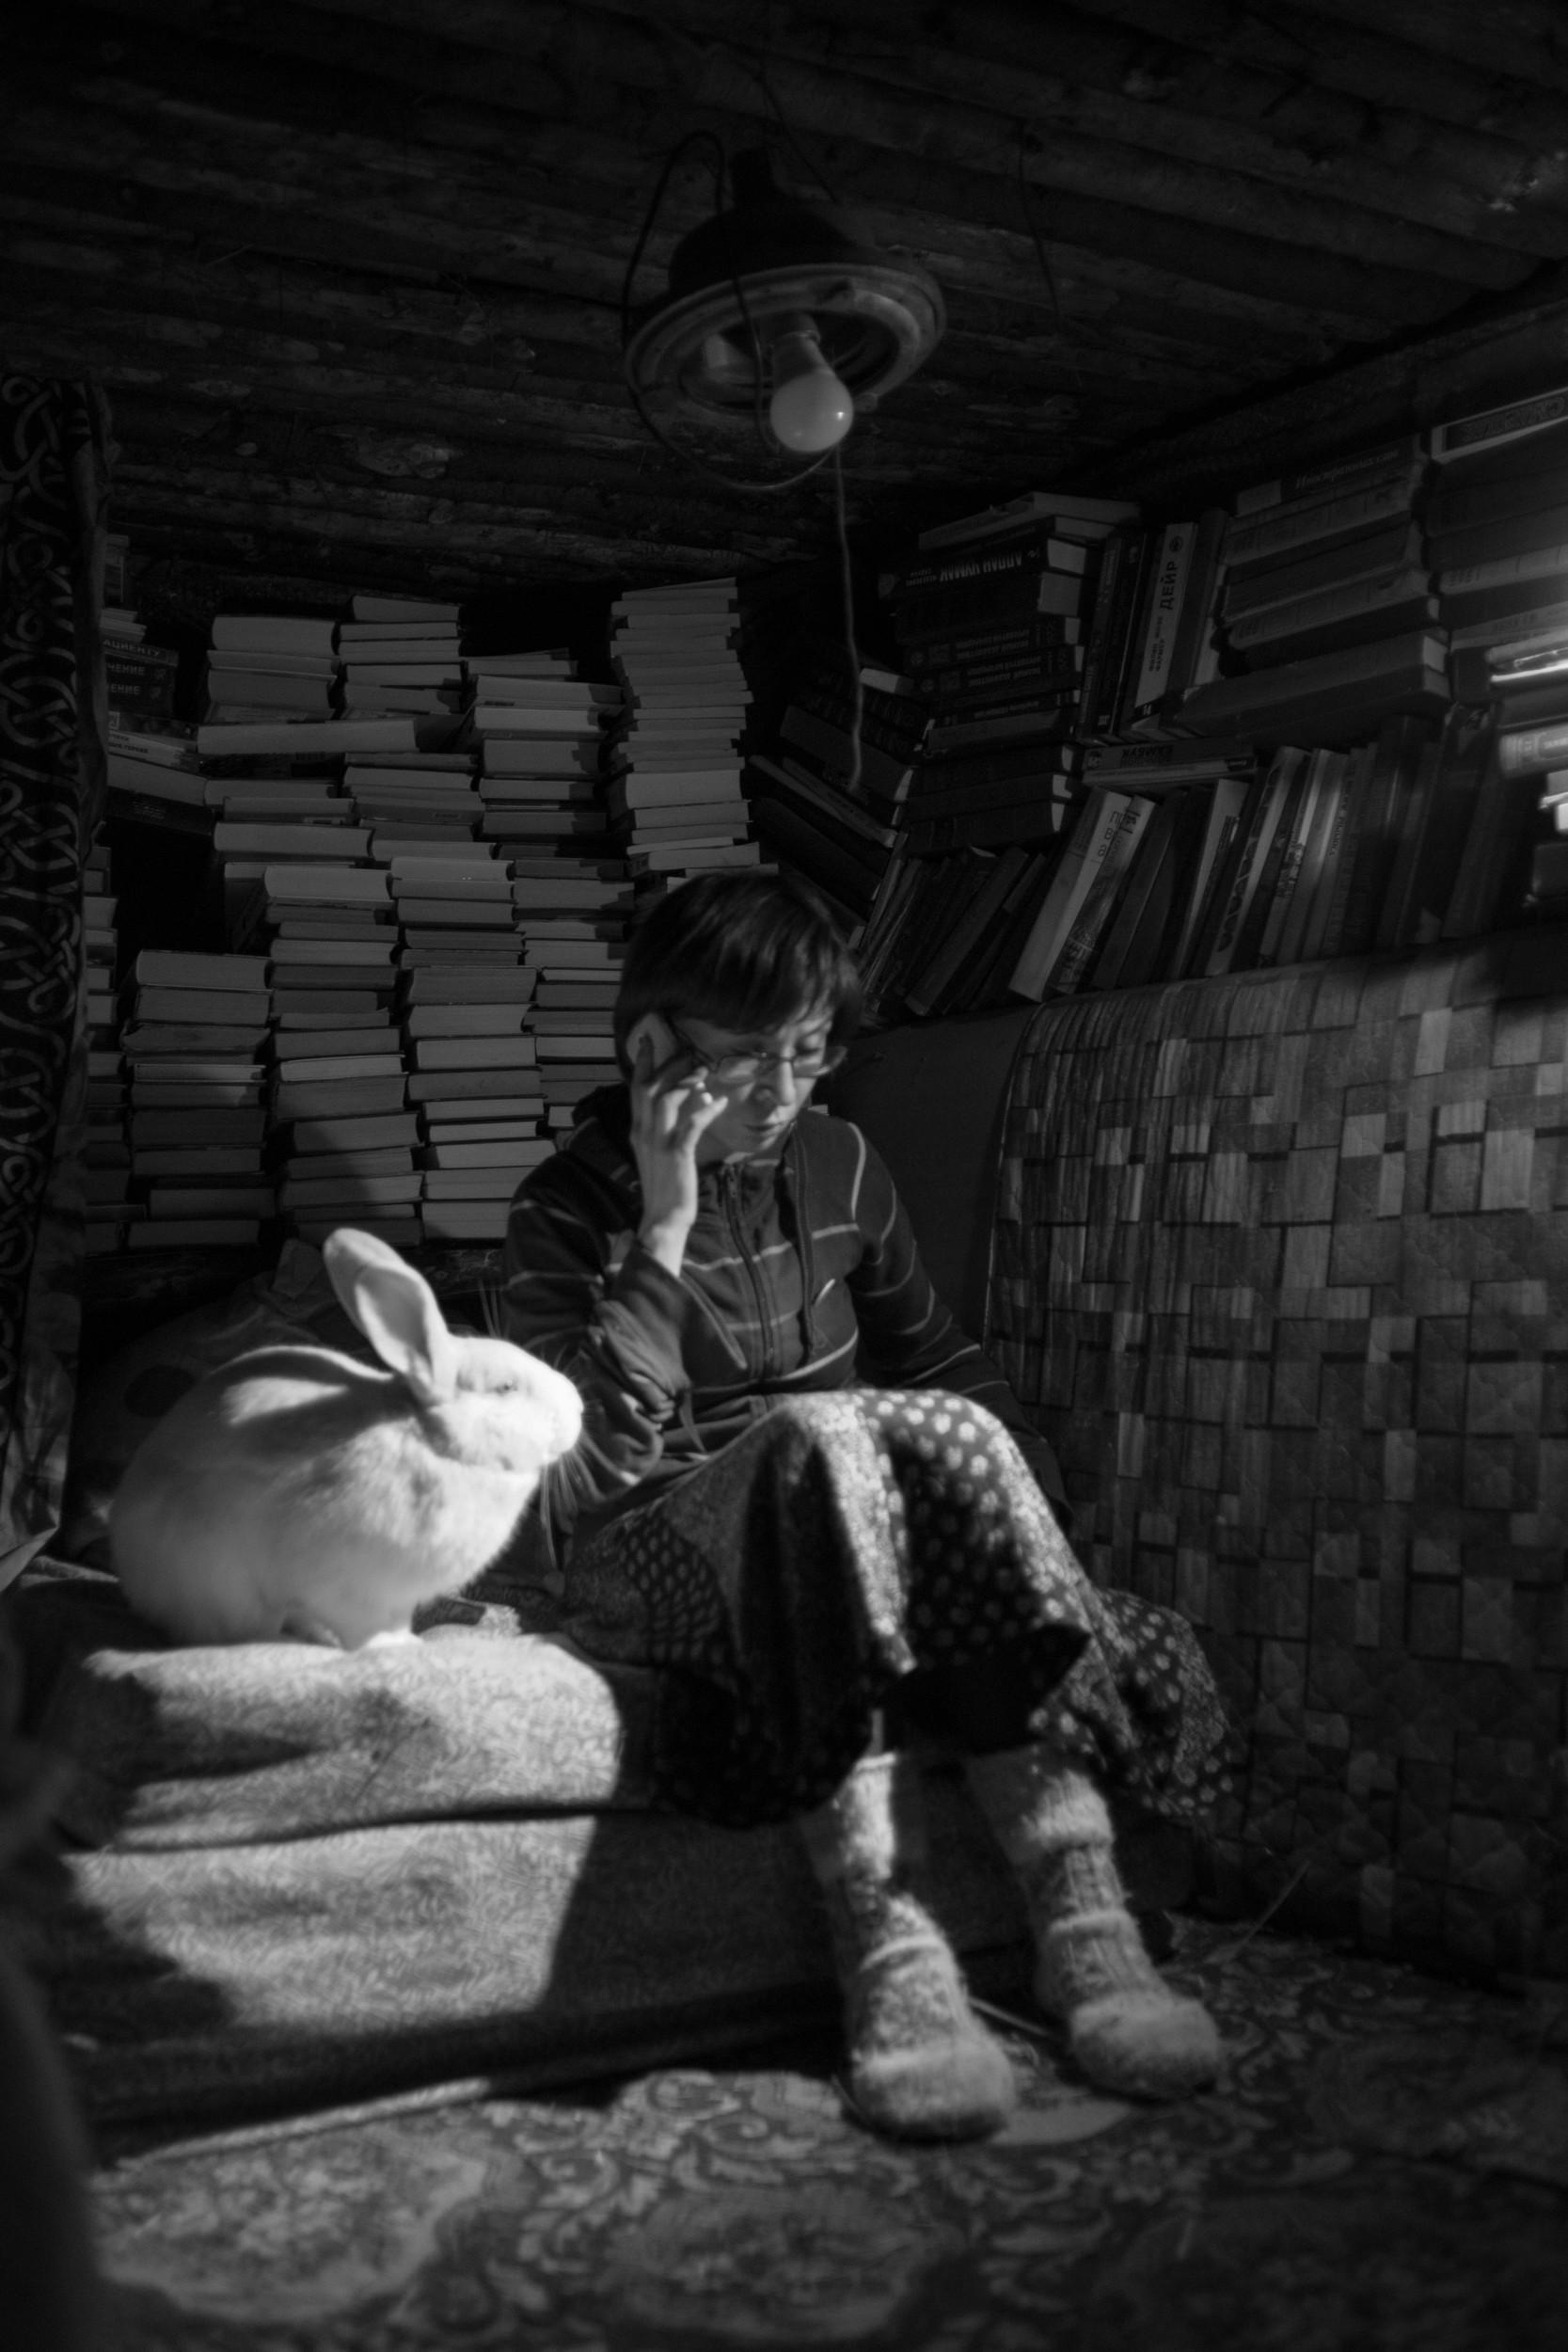 Јуријева земуница. Библиотека, зец и девојка.